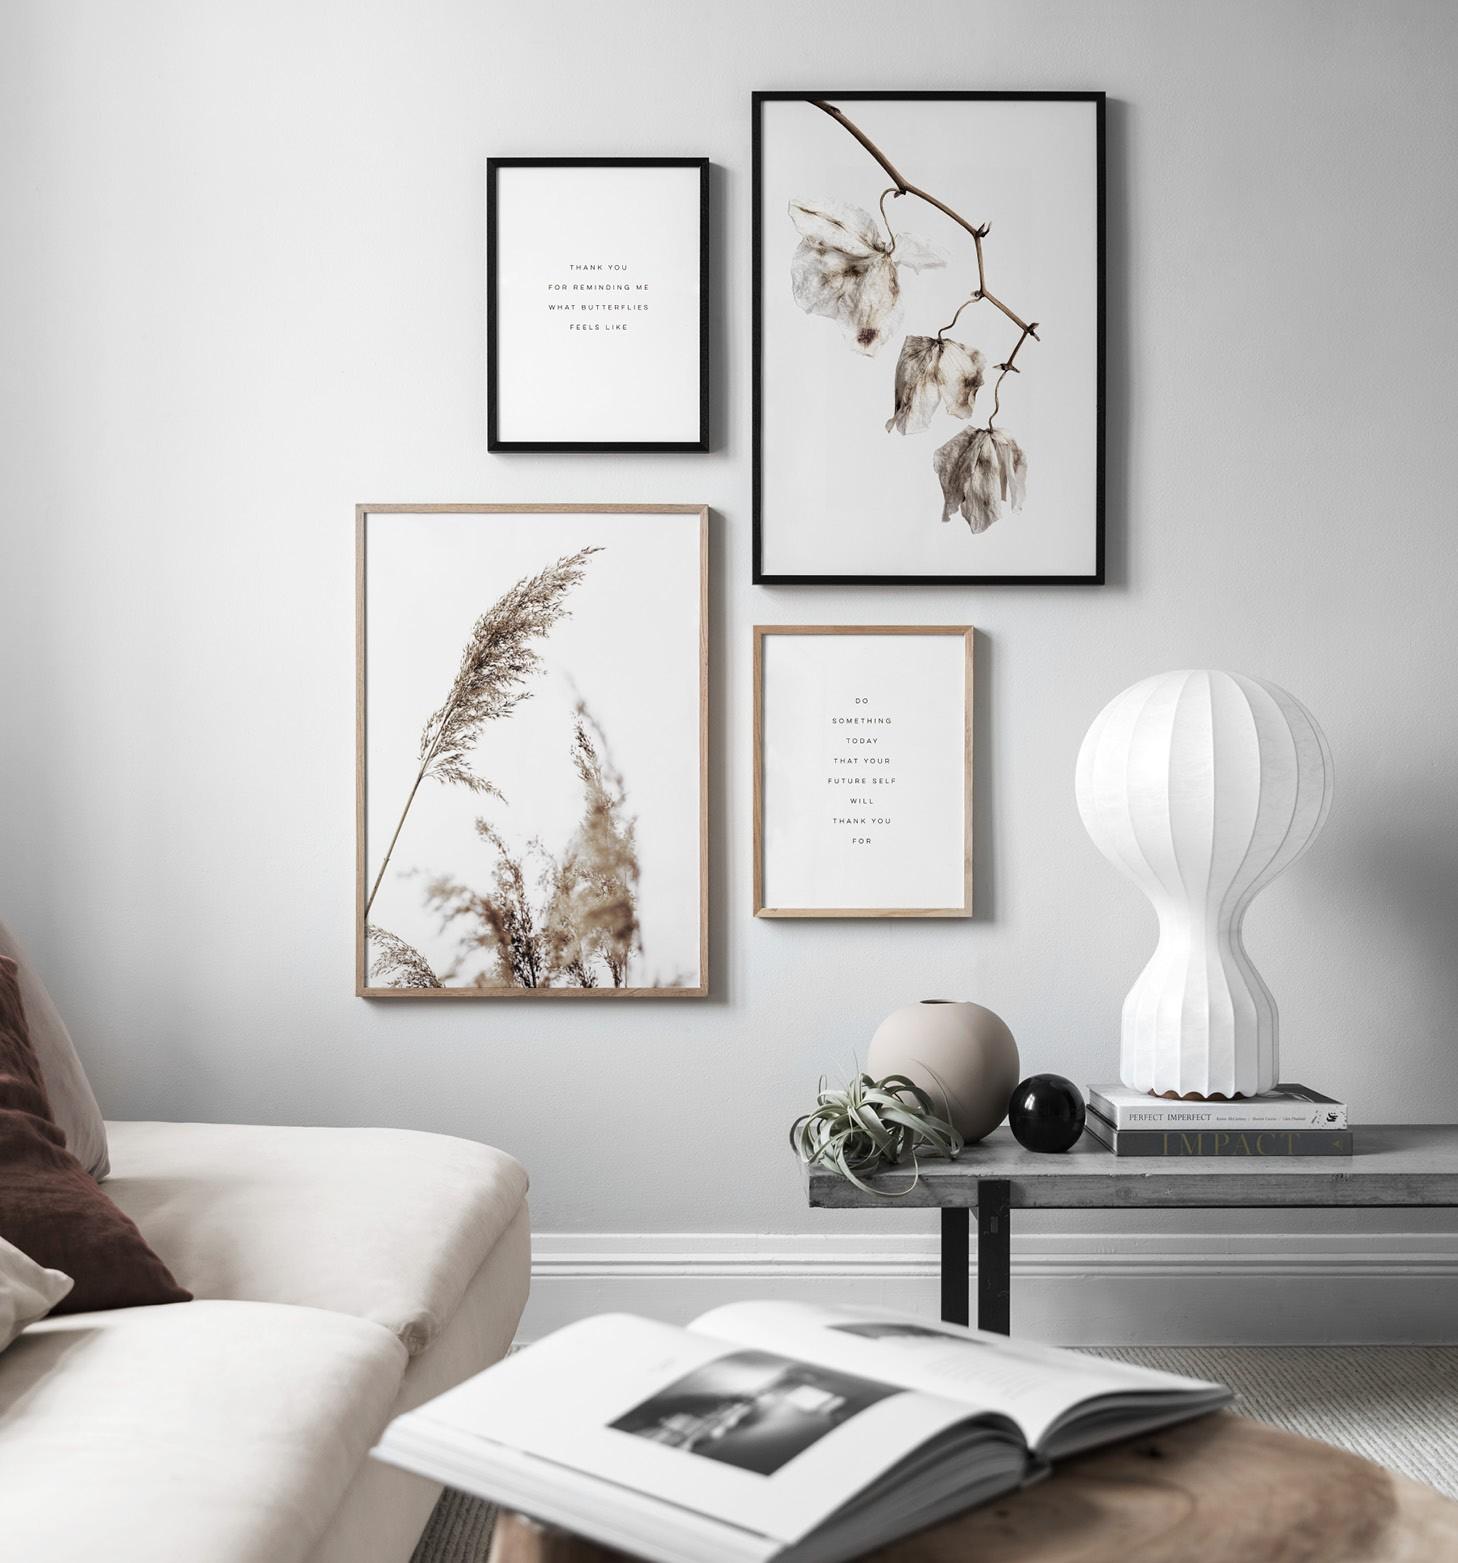 Lugn naturnära inredning, tavlor i jordnära färger